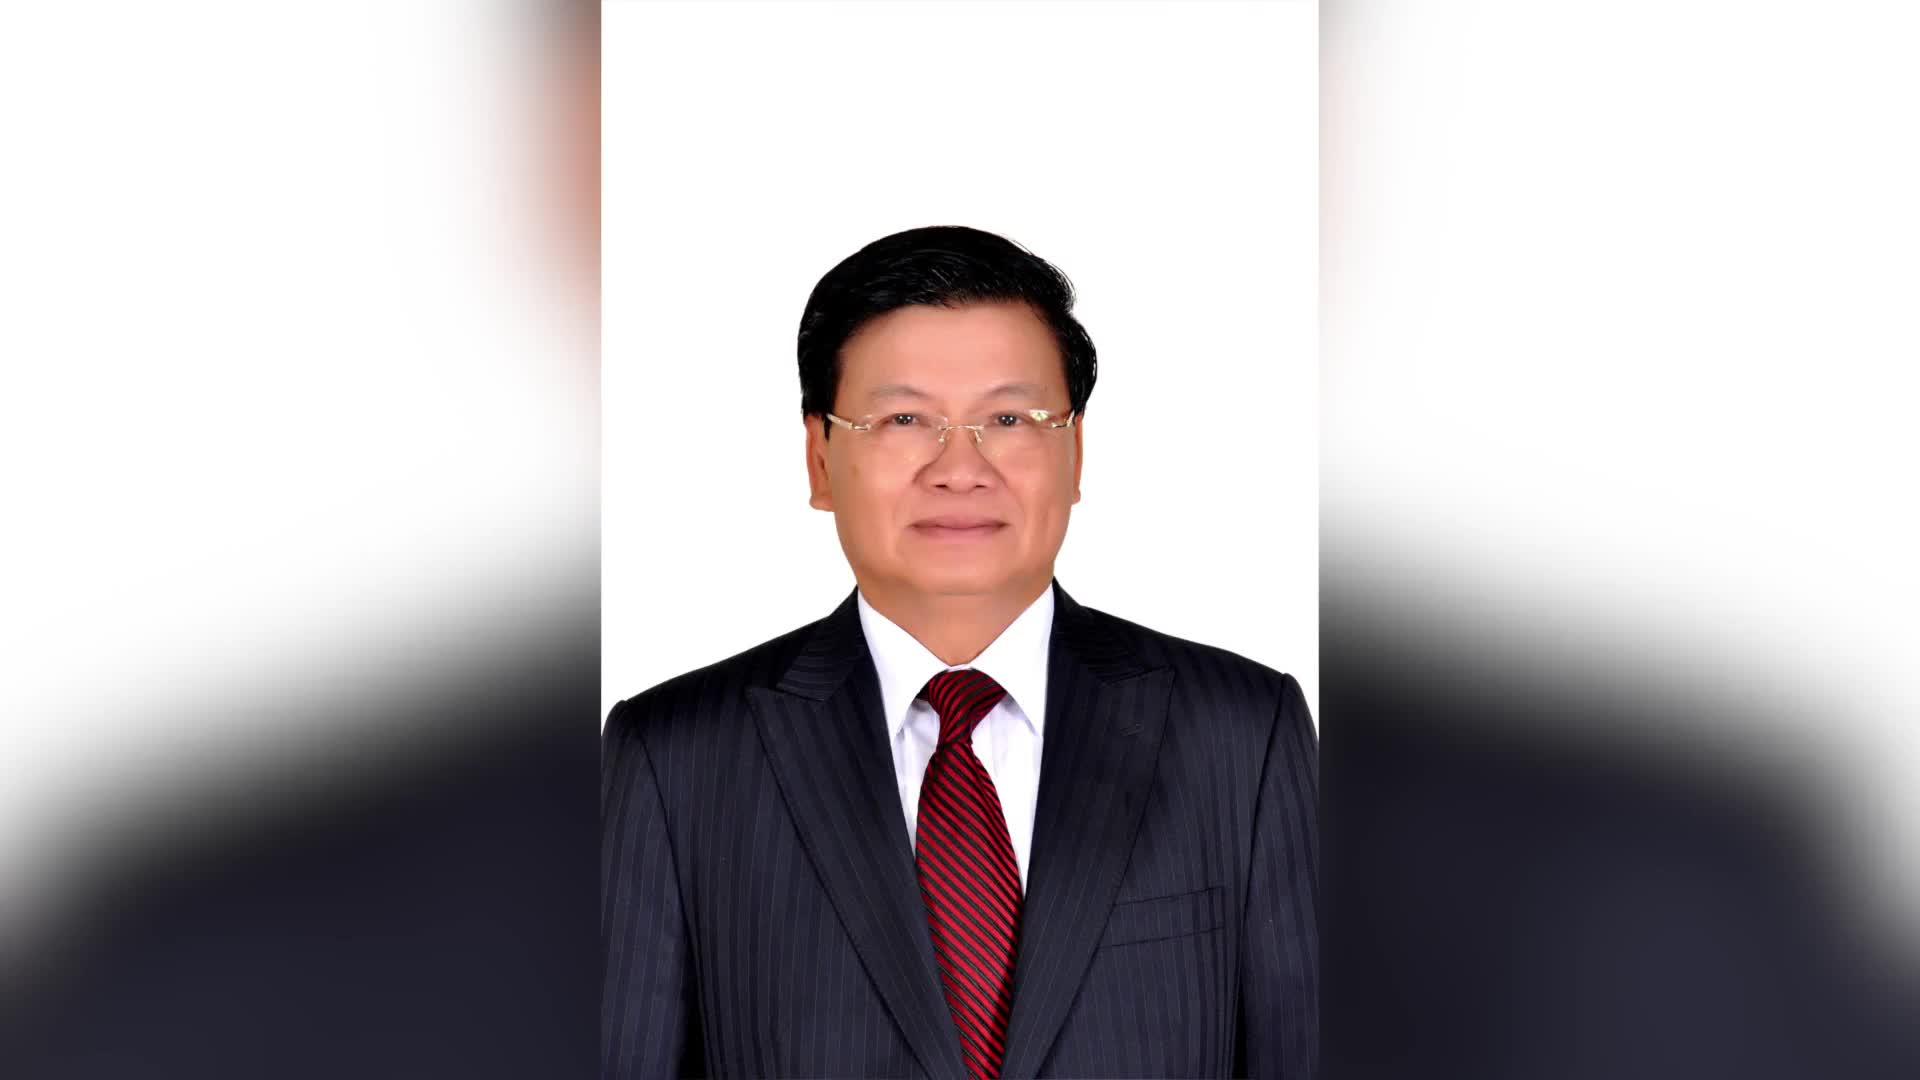 外交部副部长罗照辉:对中老关系充满乐观期待